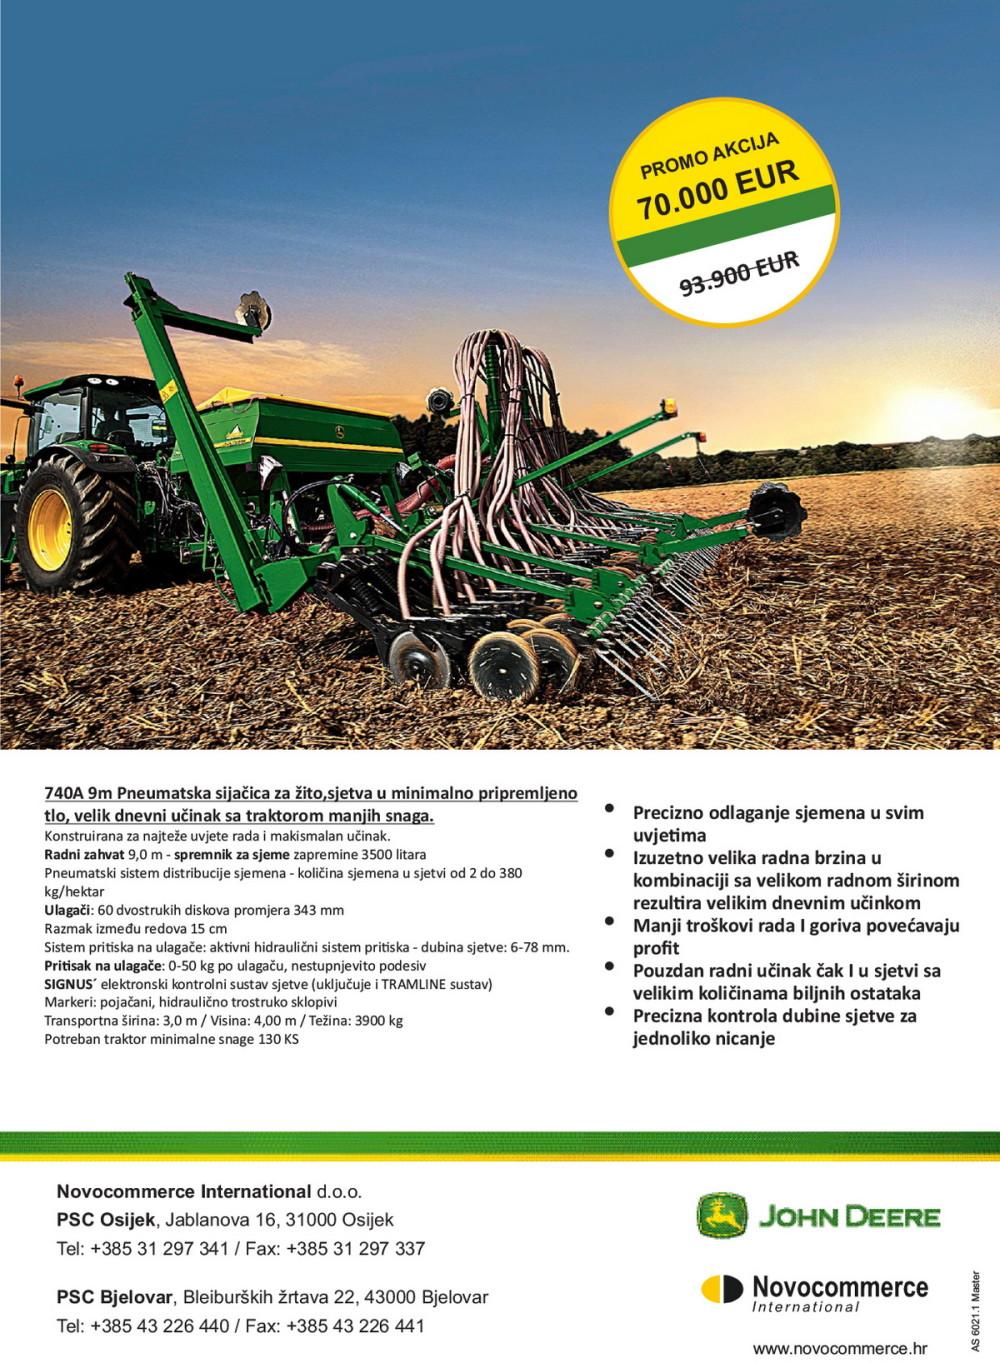 Pneumatska sijačica za žito 740A 9m